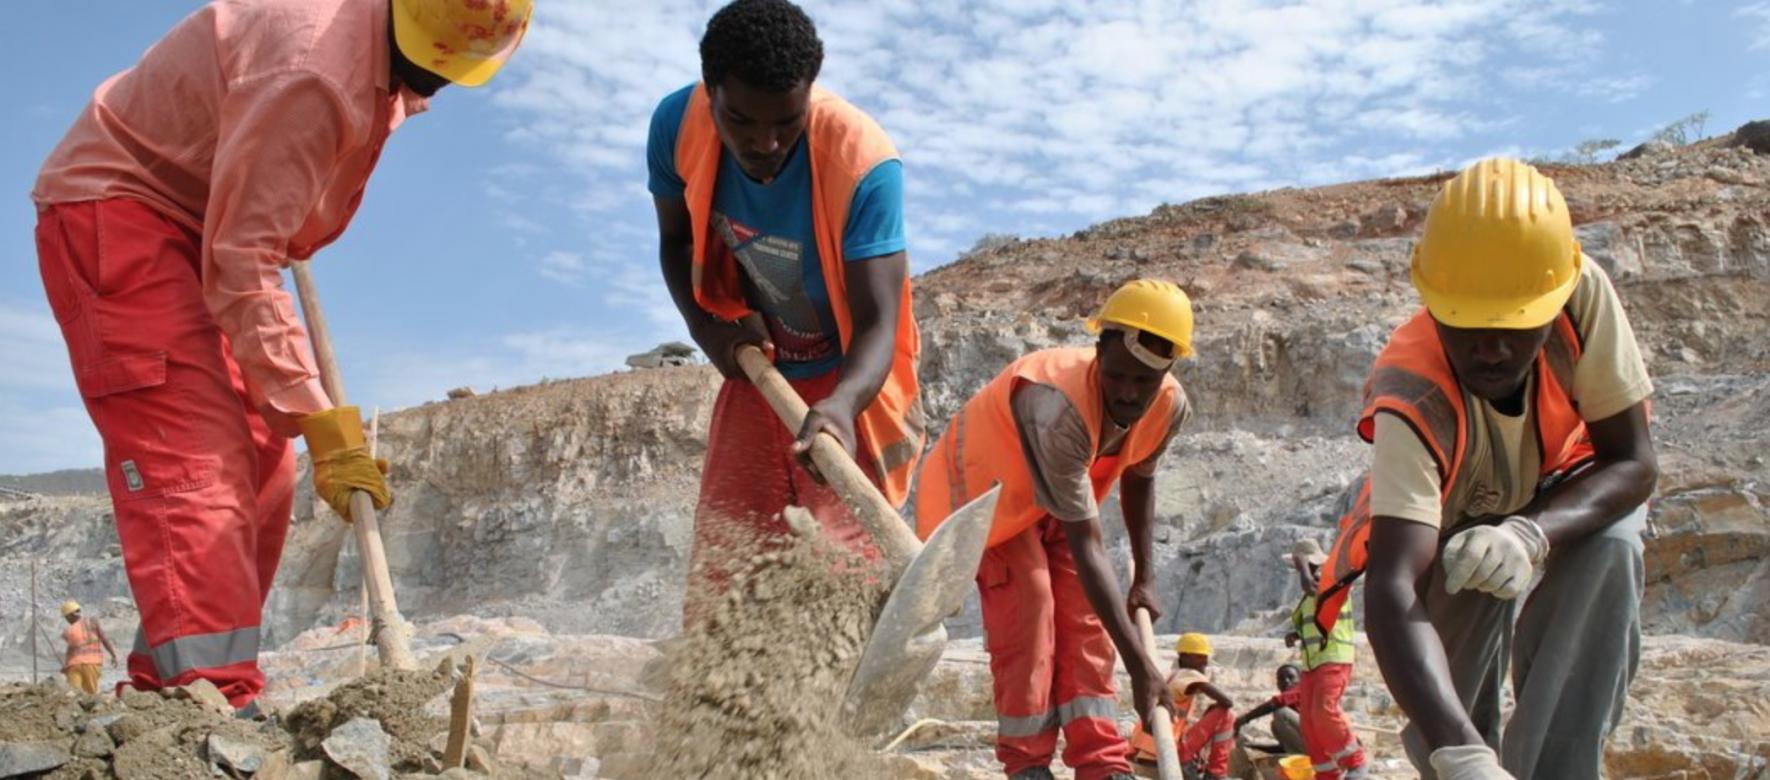 L'Égypte doute de la capacité de l'Éthiopie à produire de l'électricité à partir du barrage de la Grande Renaissance